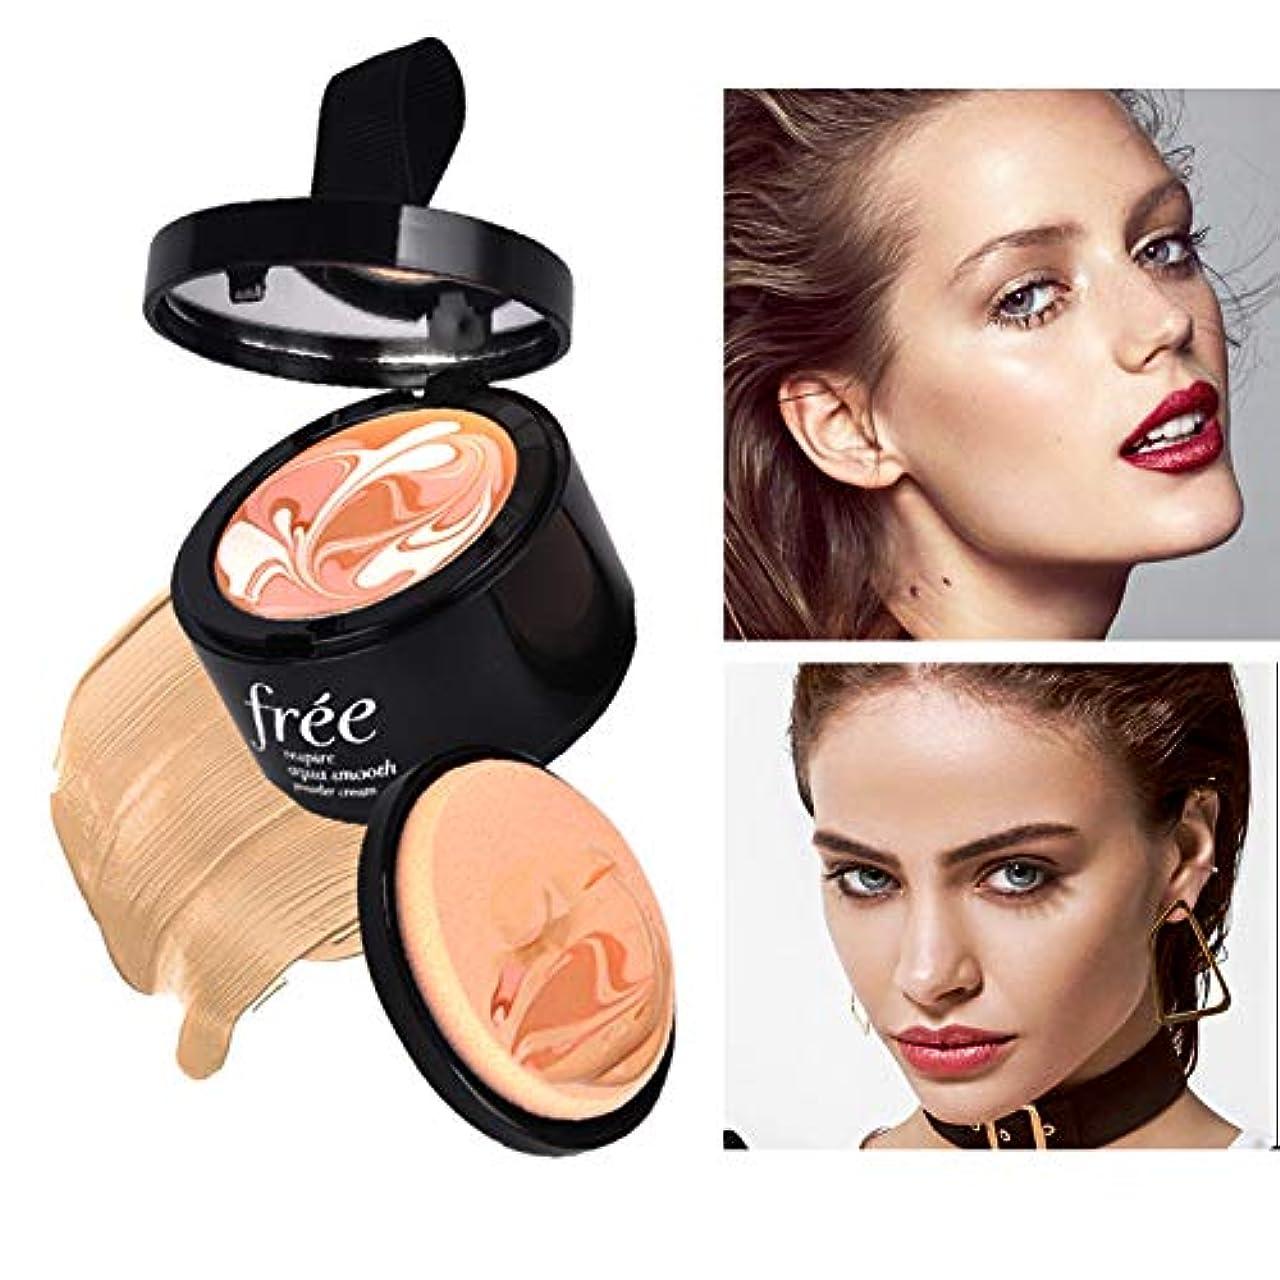 ふつう十バーチャルFoundation Cream Concealer moisturizing Whitening flawless makeup For Face Beauty Base Makeup ファンデーションクリームコンシーラーモイスチャライジングホワイトニングフェイシャルメイクアップフェイシャルビューティベースメイクアップ